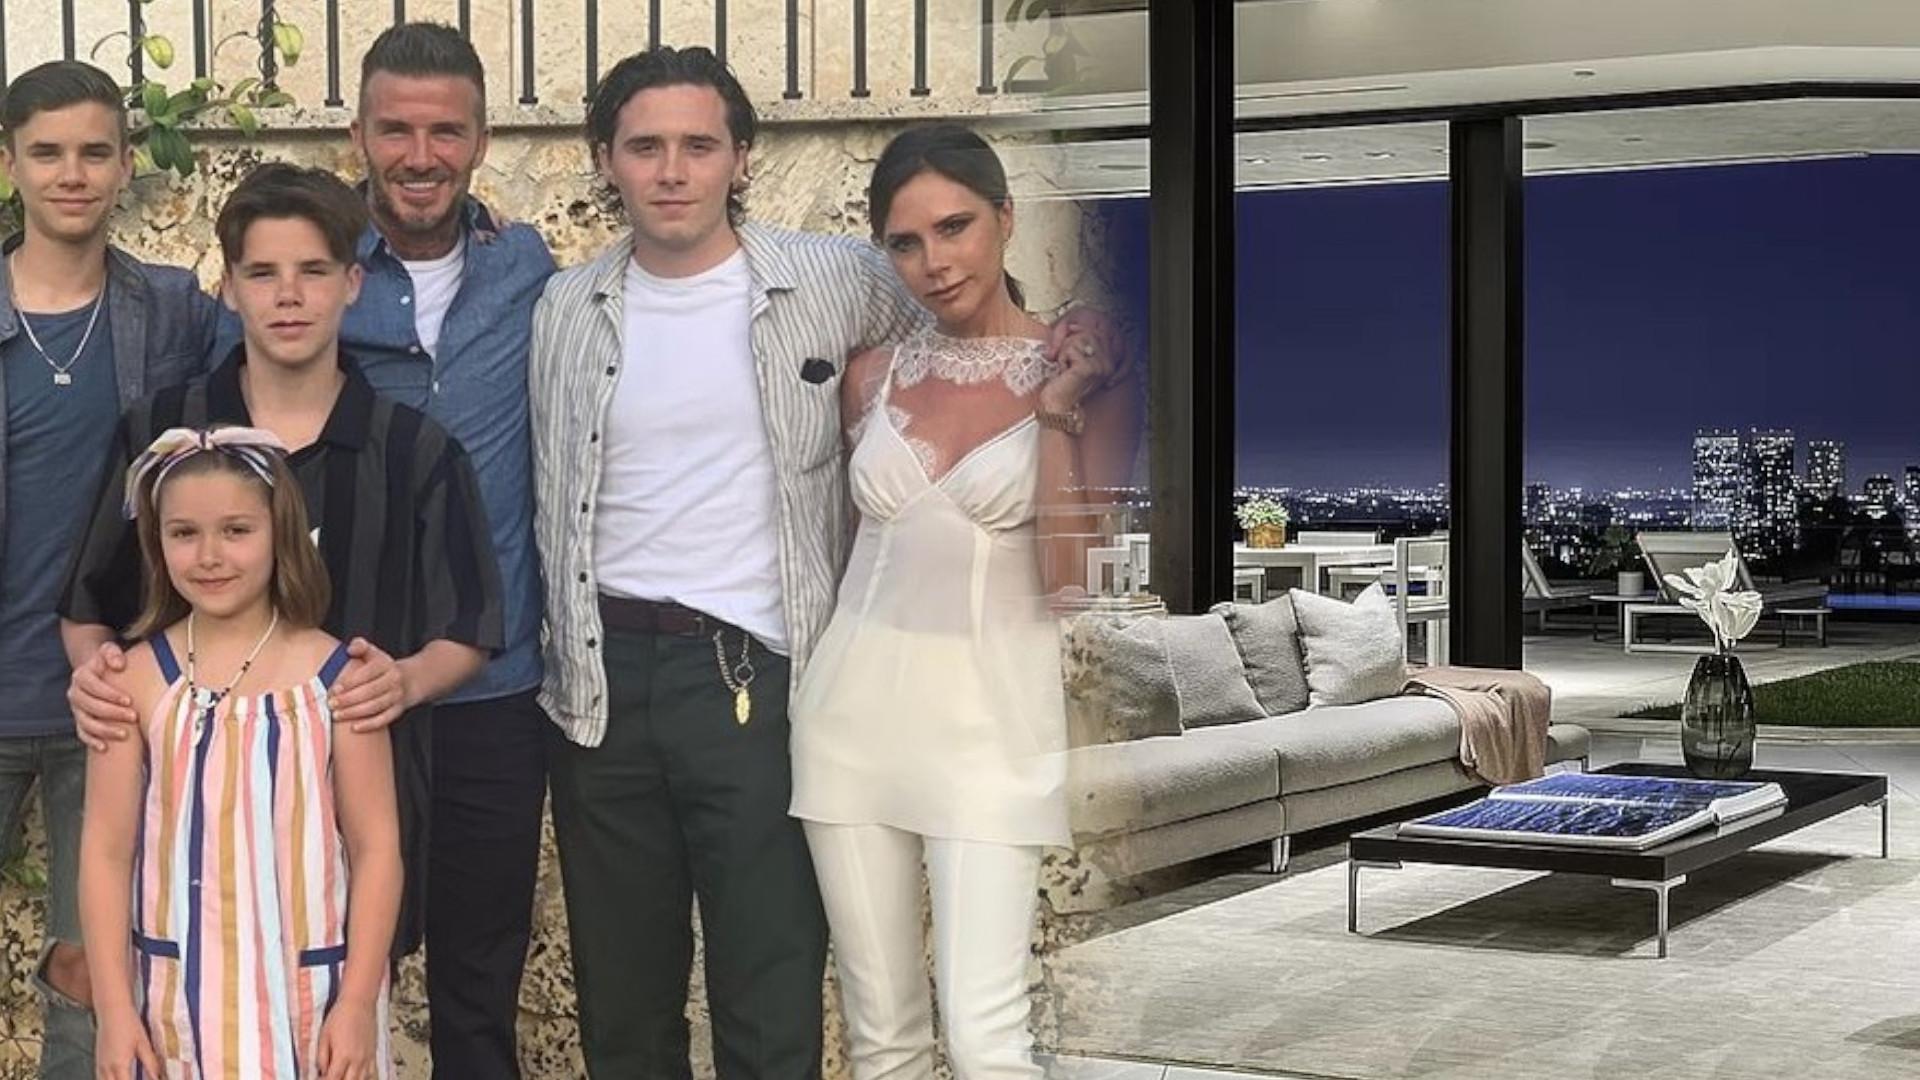 Beckhamowie WYNAJĘLI dla dzieci tę willę w Los Angeles. Miesięczny wynajem 25 tysięcy dolarów